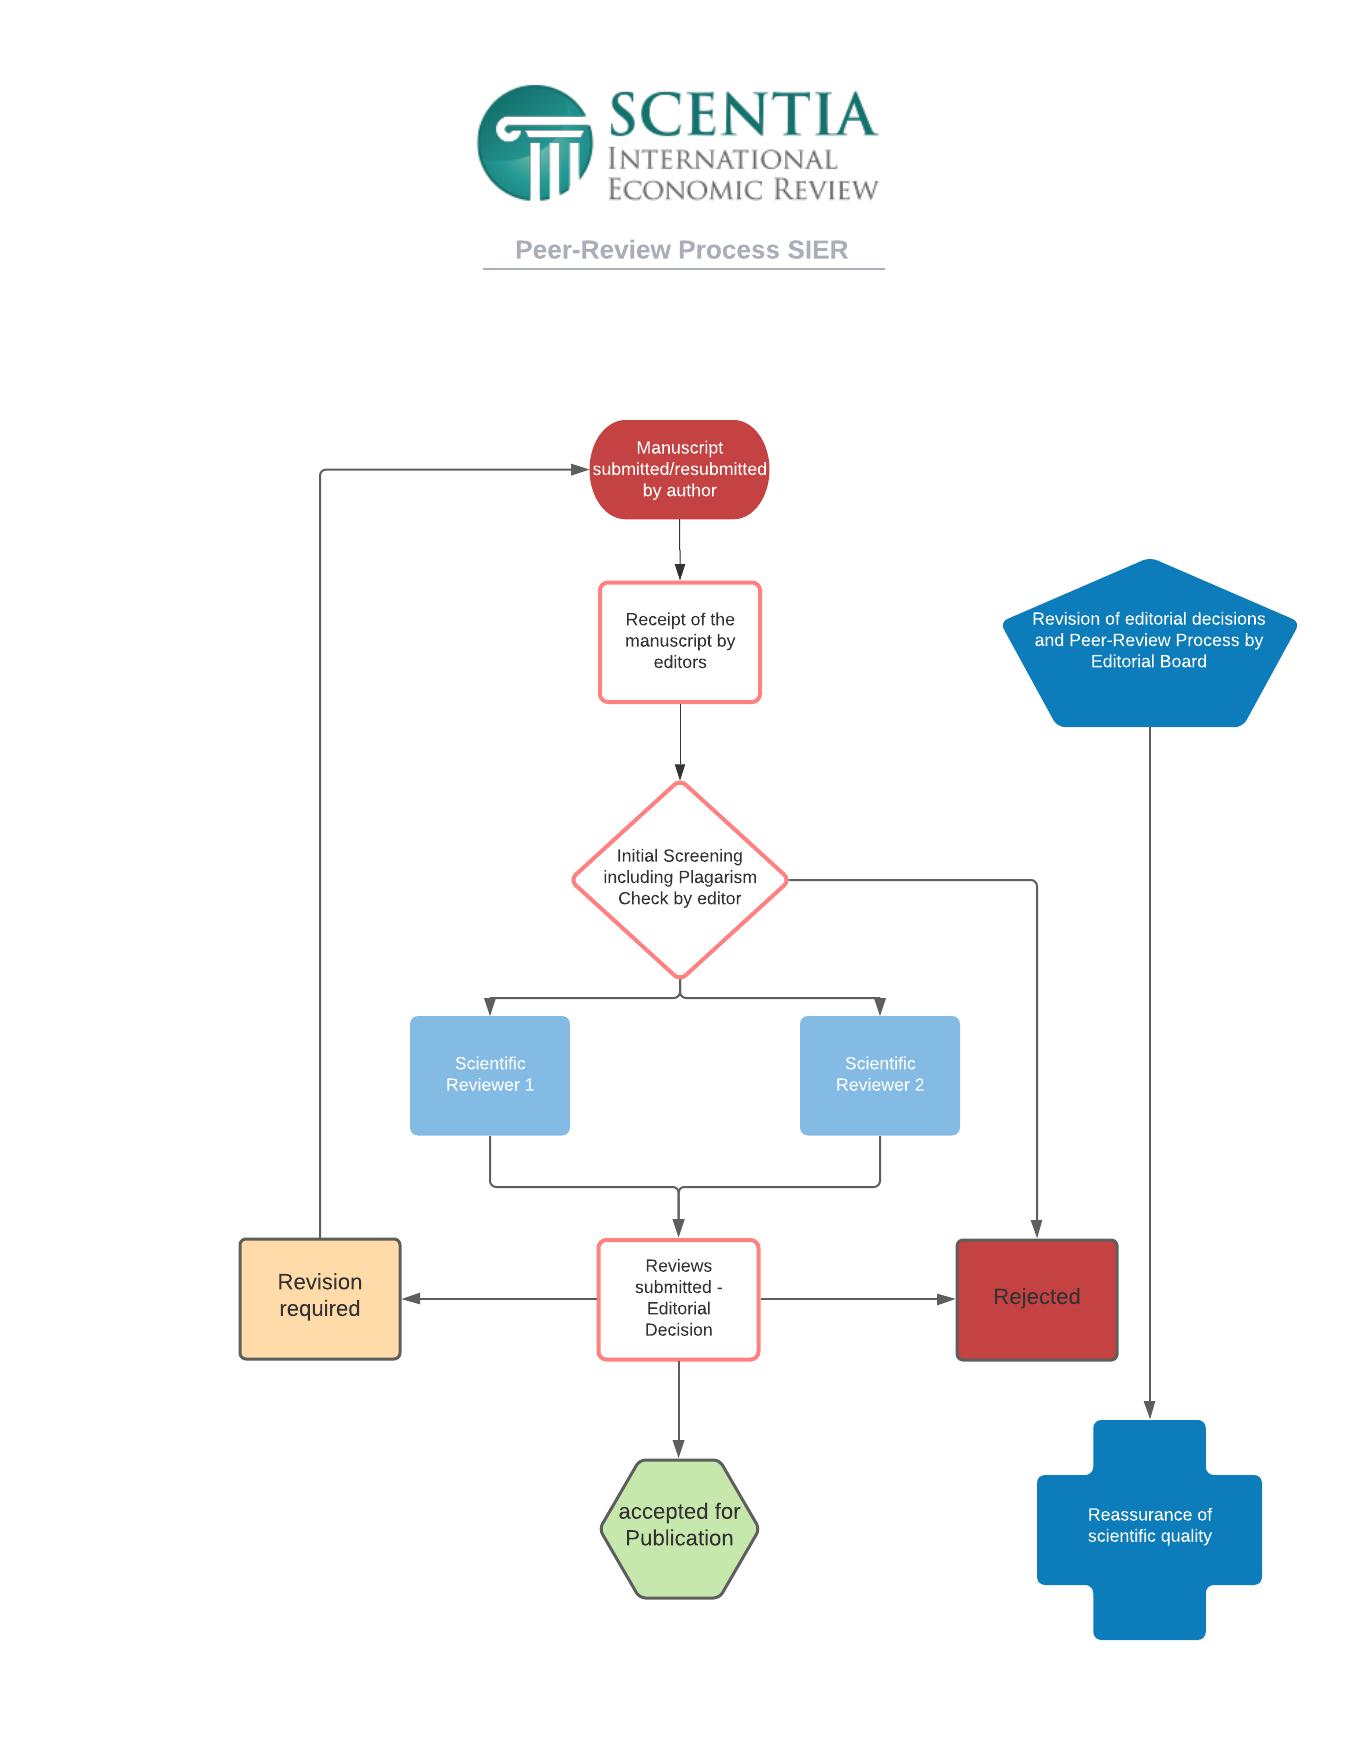 SIER Peer-Review Process